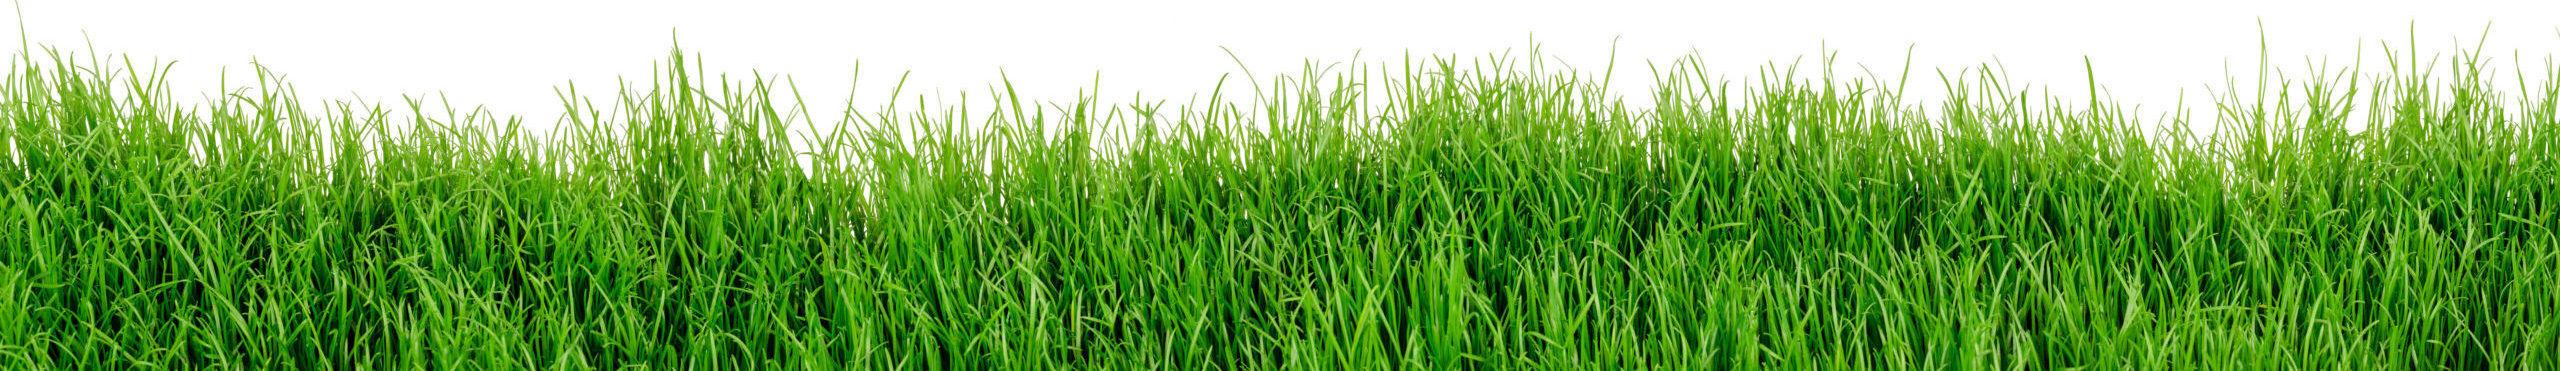 Grünstreifen aus Gras